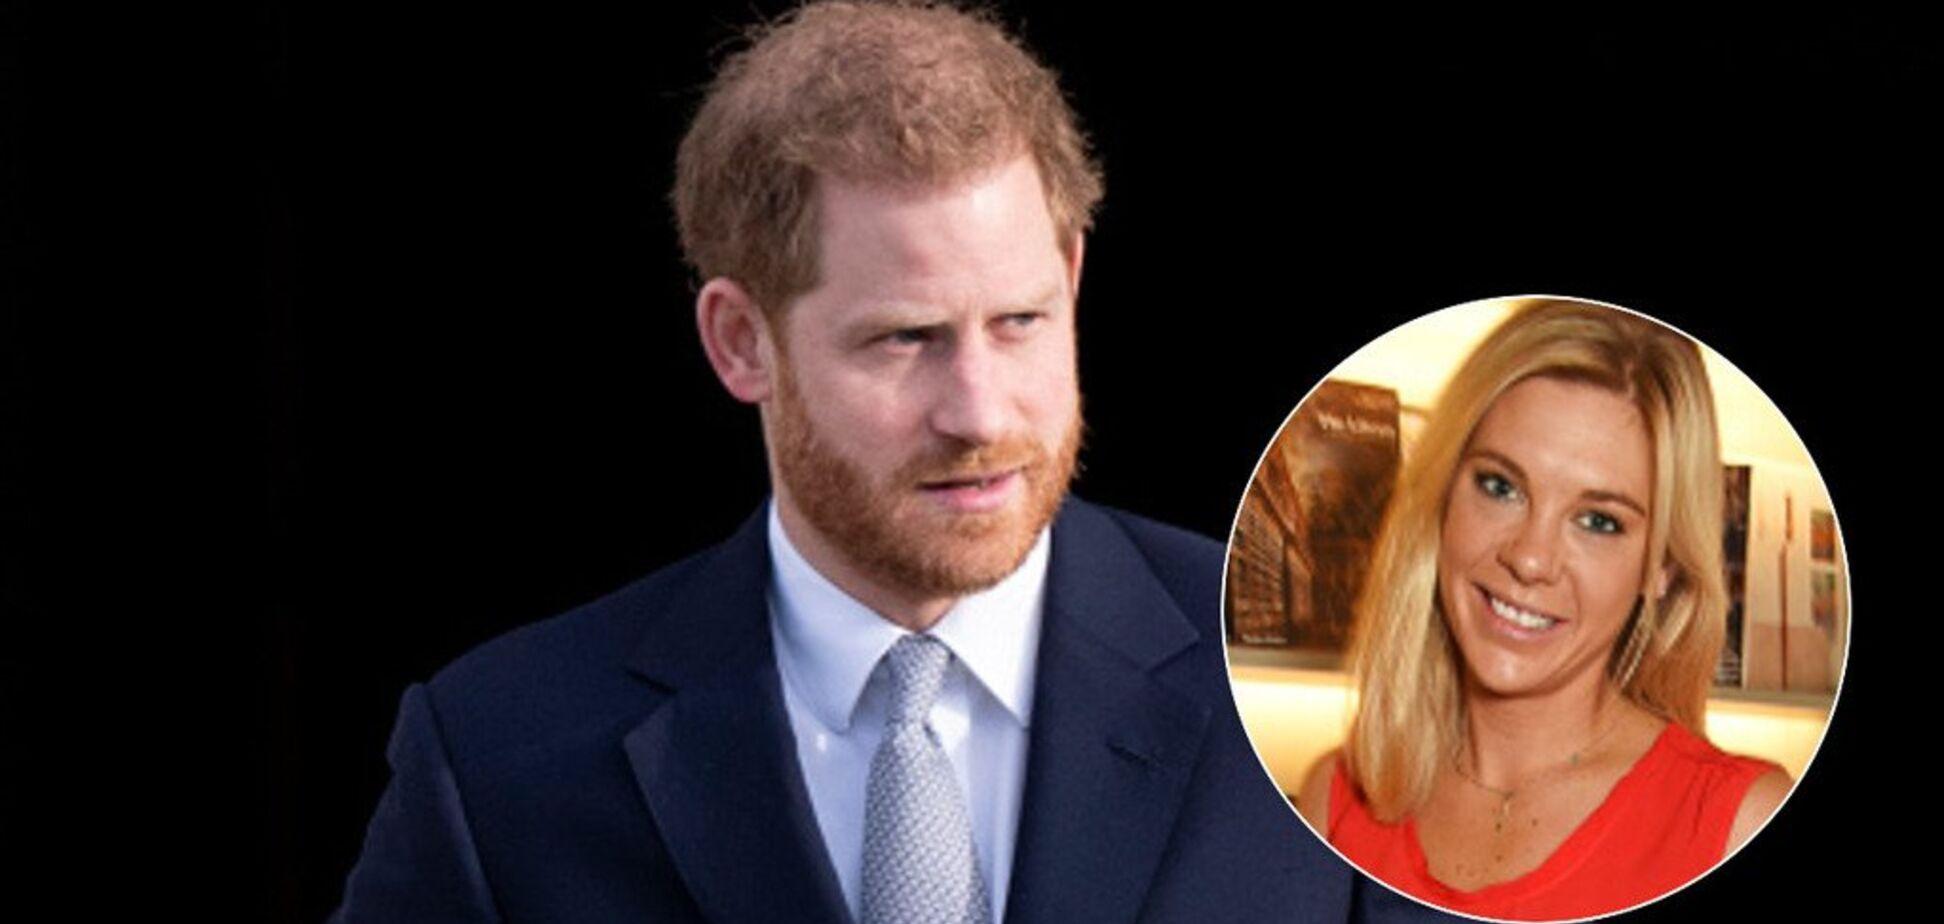 Поки Маркл у Канаді: ЗМІ повідомили про таємне побачення Гаррі з екскоханою